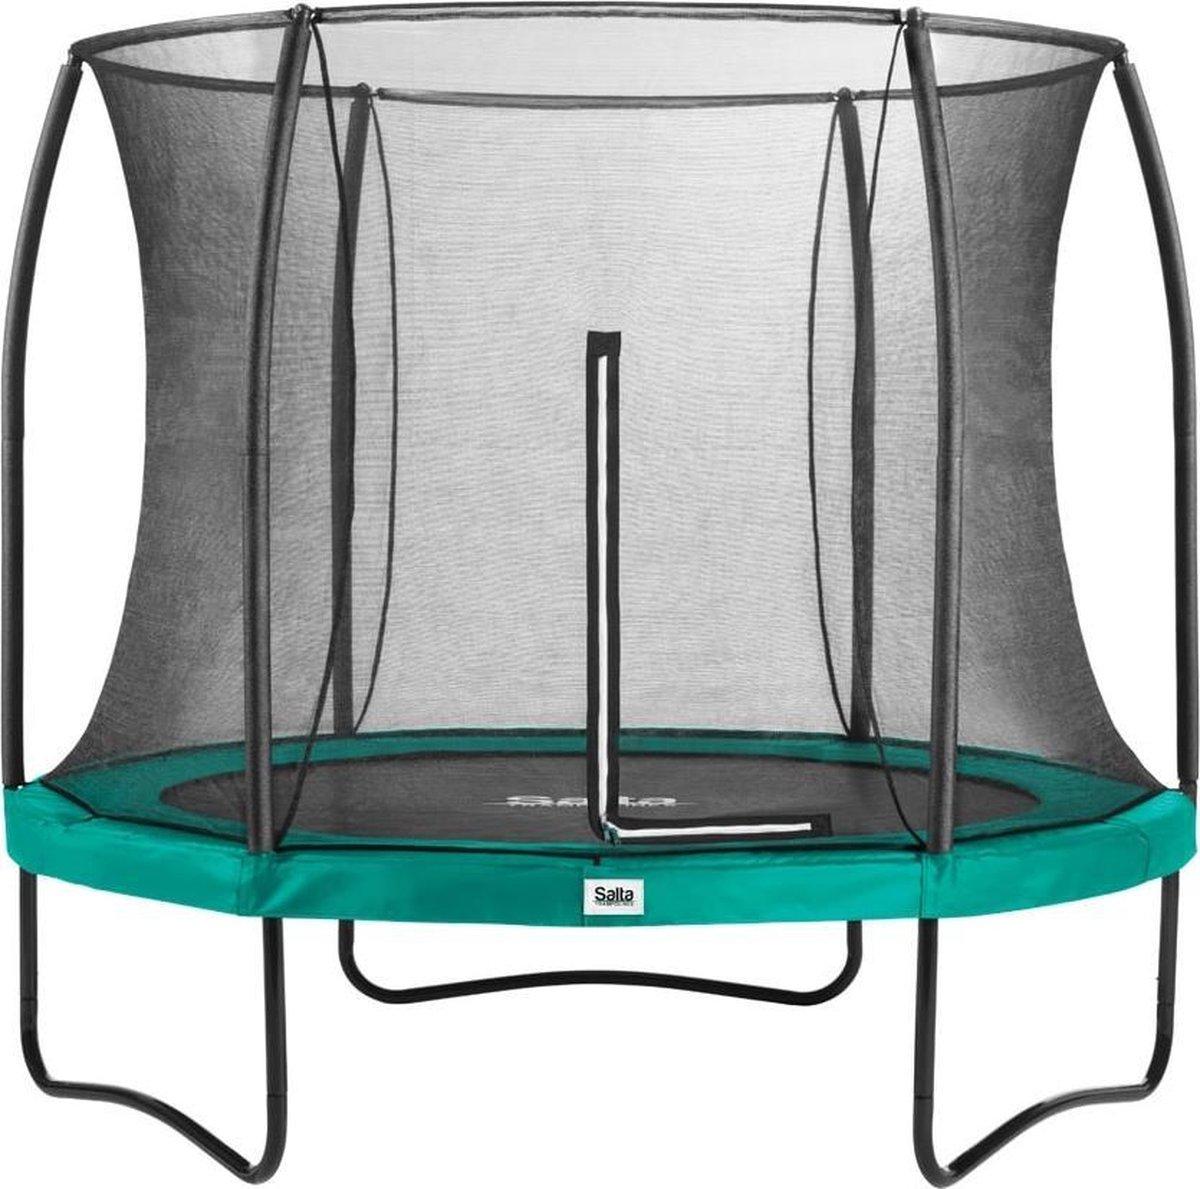 Salta Comfort Edition 305 cm Groen - Trampoline